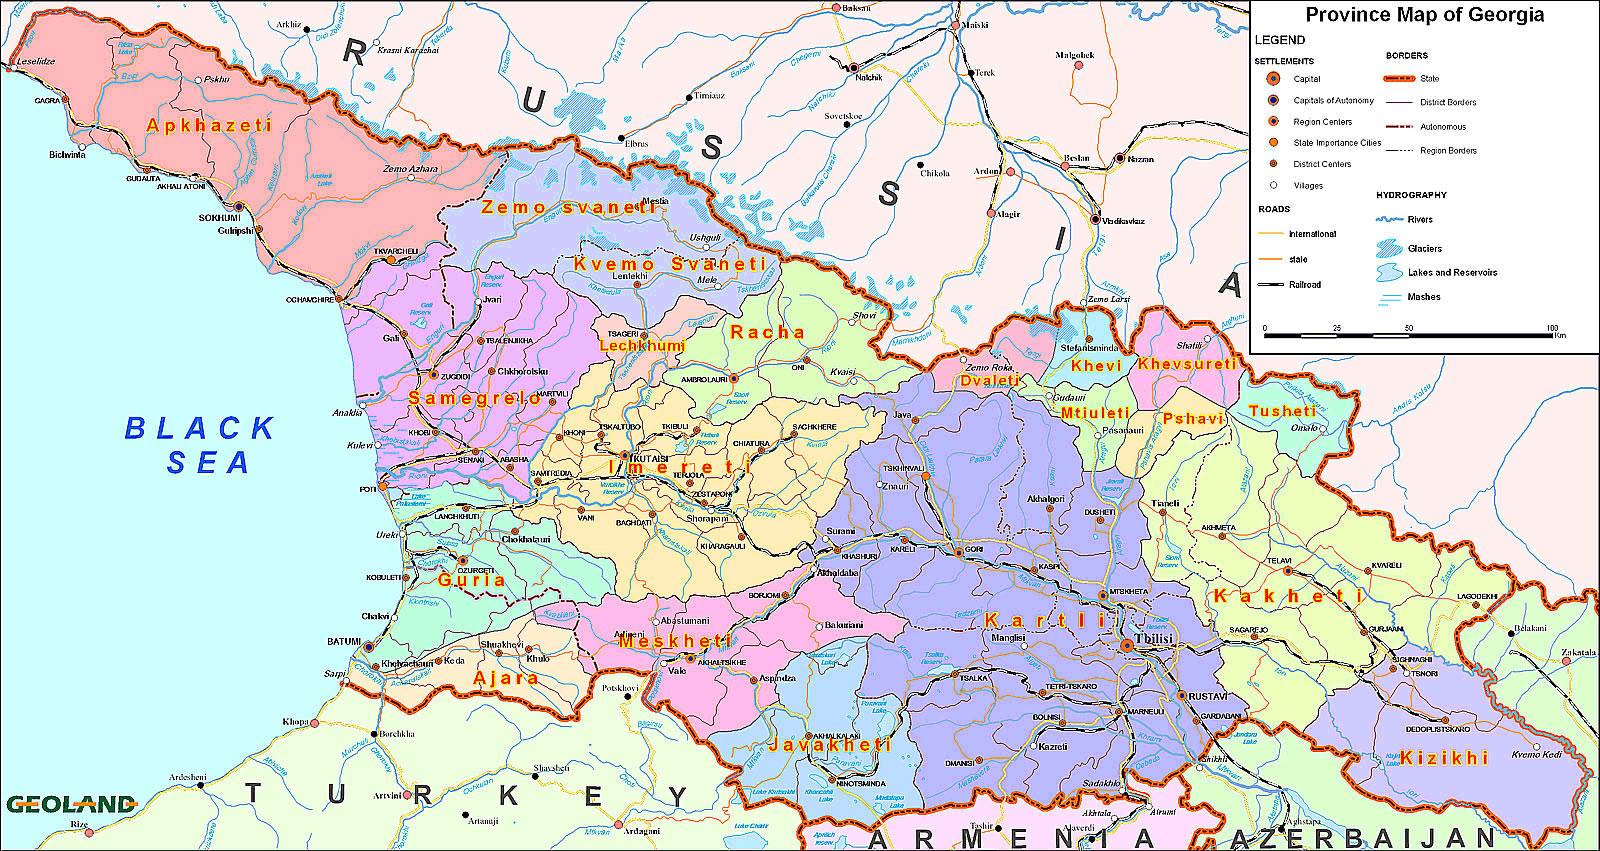 Grande carte Géorgie, Grande carte de Géorgie